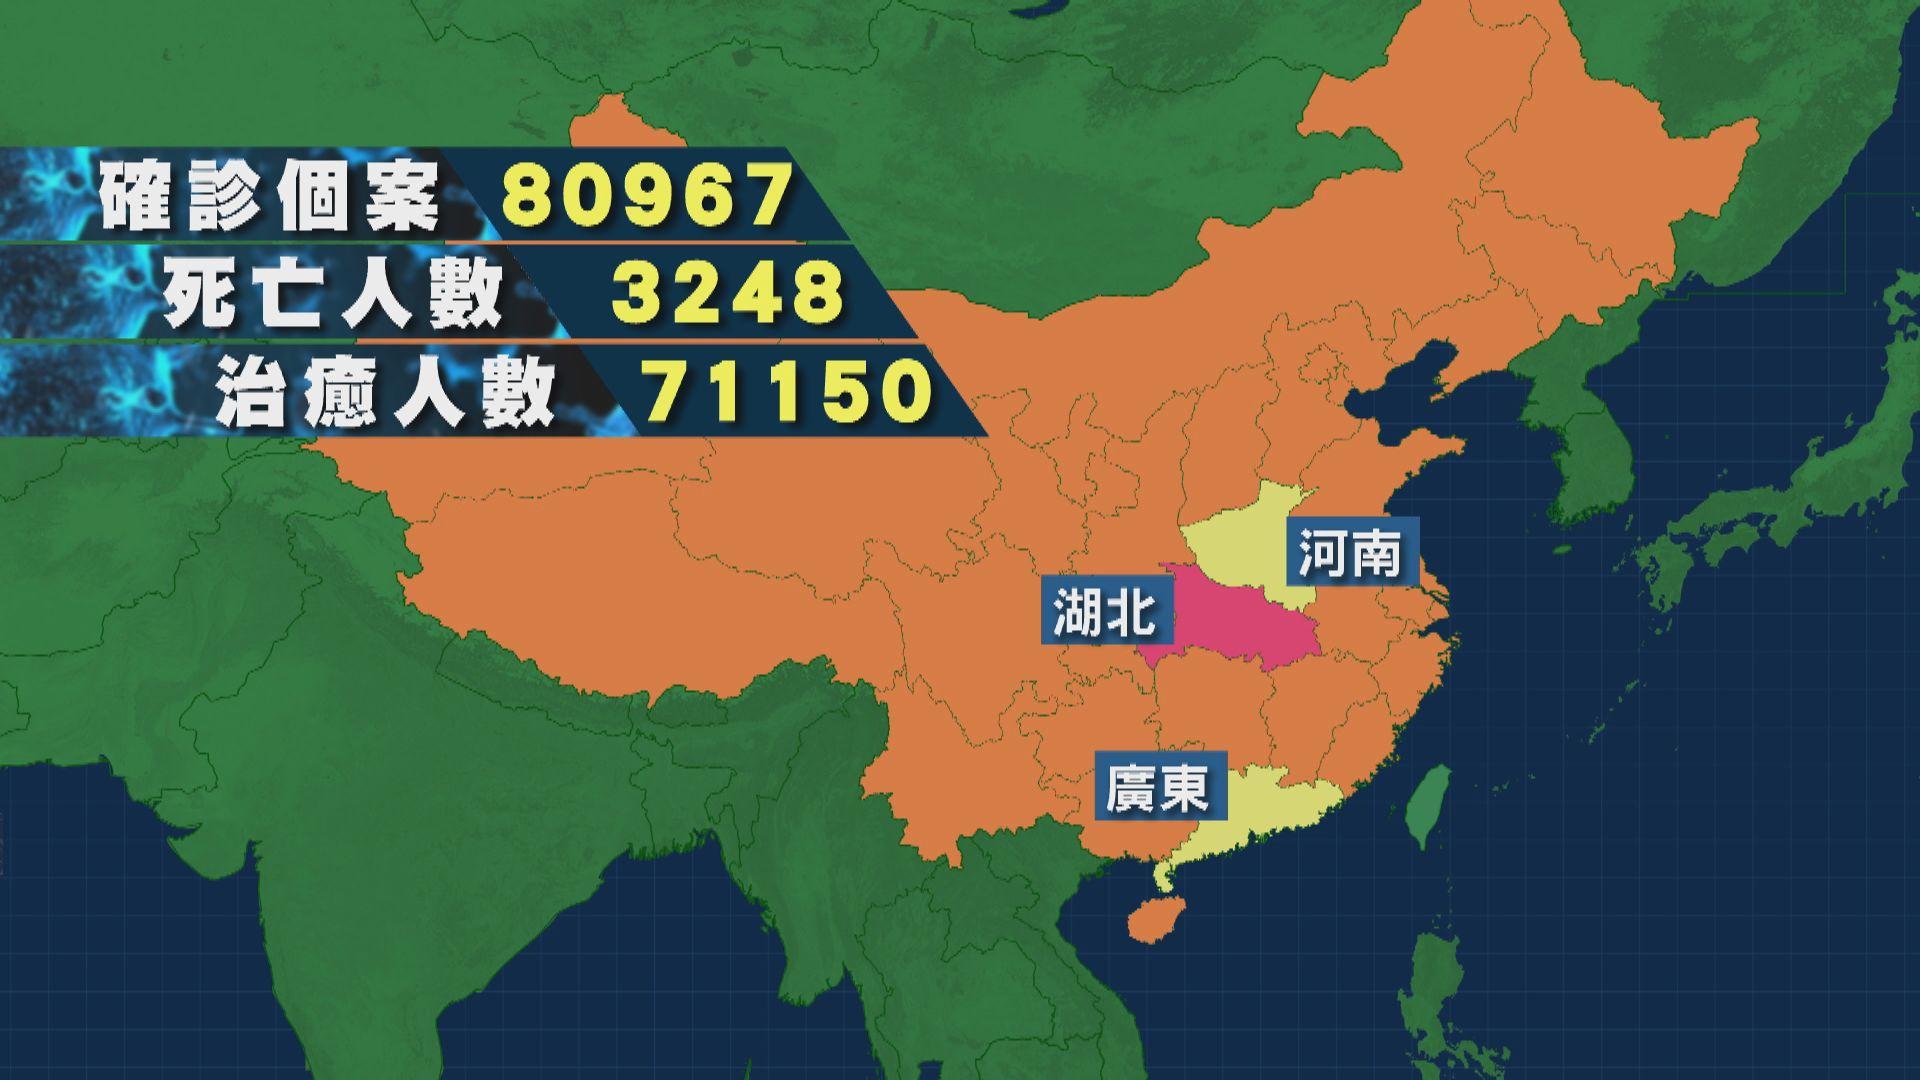 湖北省包括武漢在內 連續第二日無新增確診個案